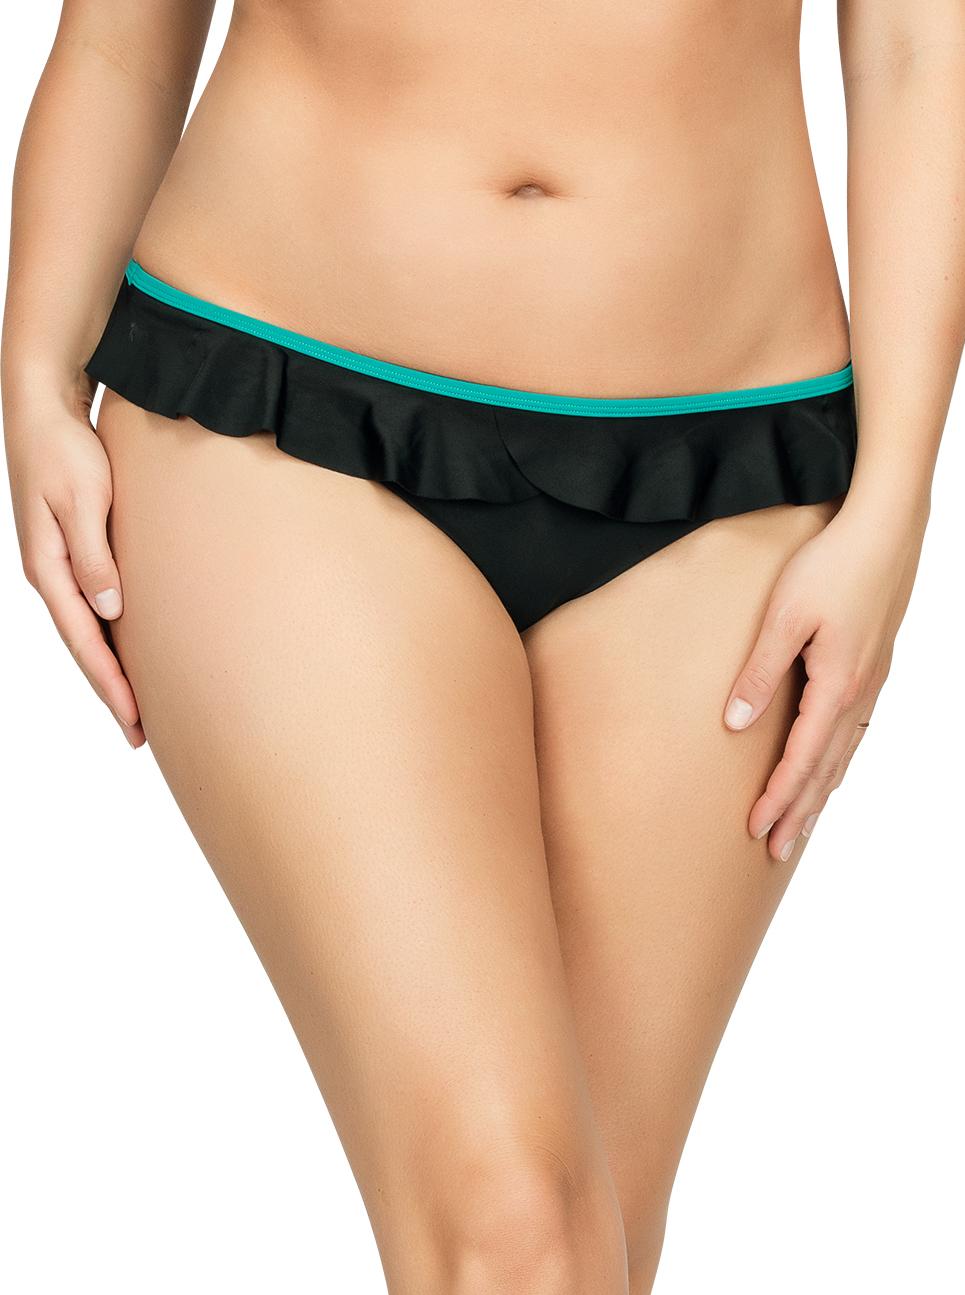 PARFAIT Farah BikiniBottomS8093 BlackEmerald Front1 - Farah Bikini Bottom Black w Emerald S8093